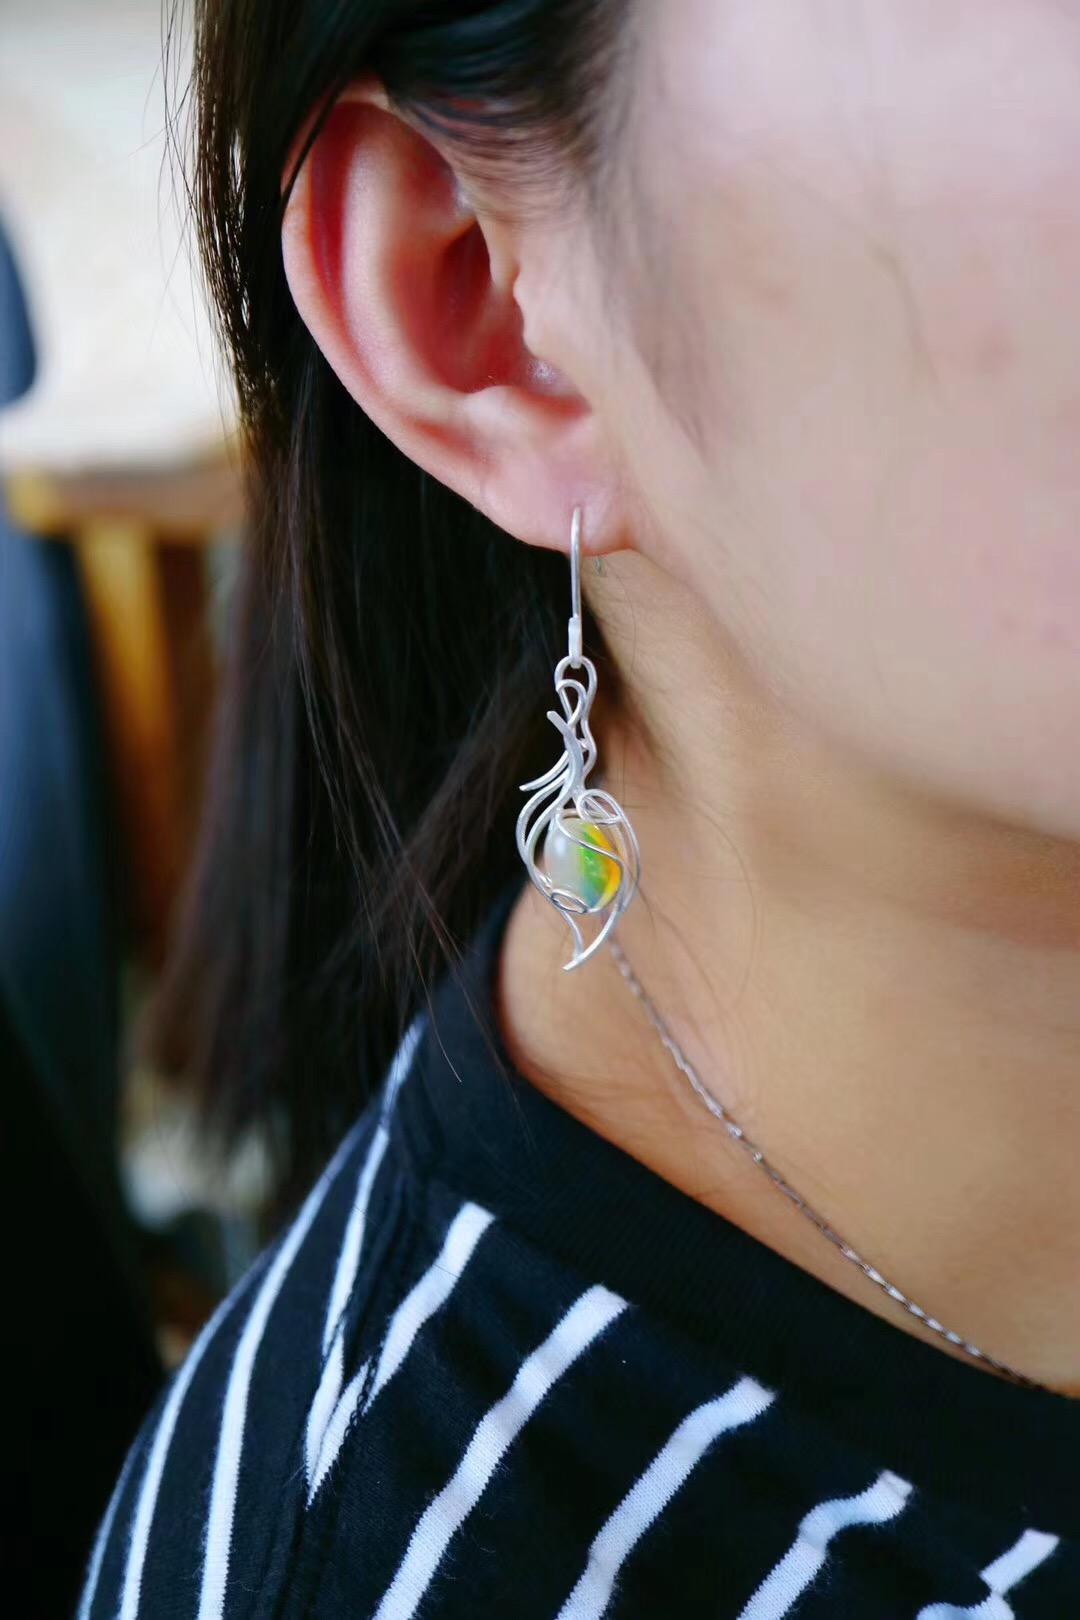 【菩心-欧珀耳坠】欧珀,代表幸福的宝石-菩心晶舍